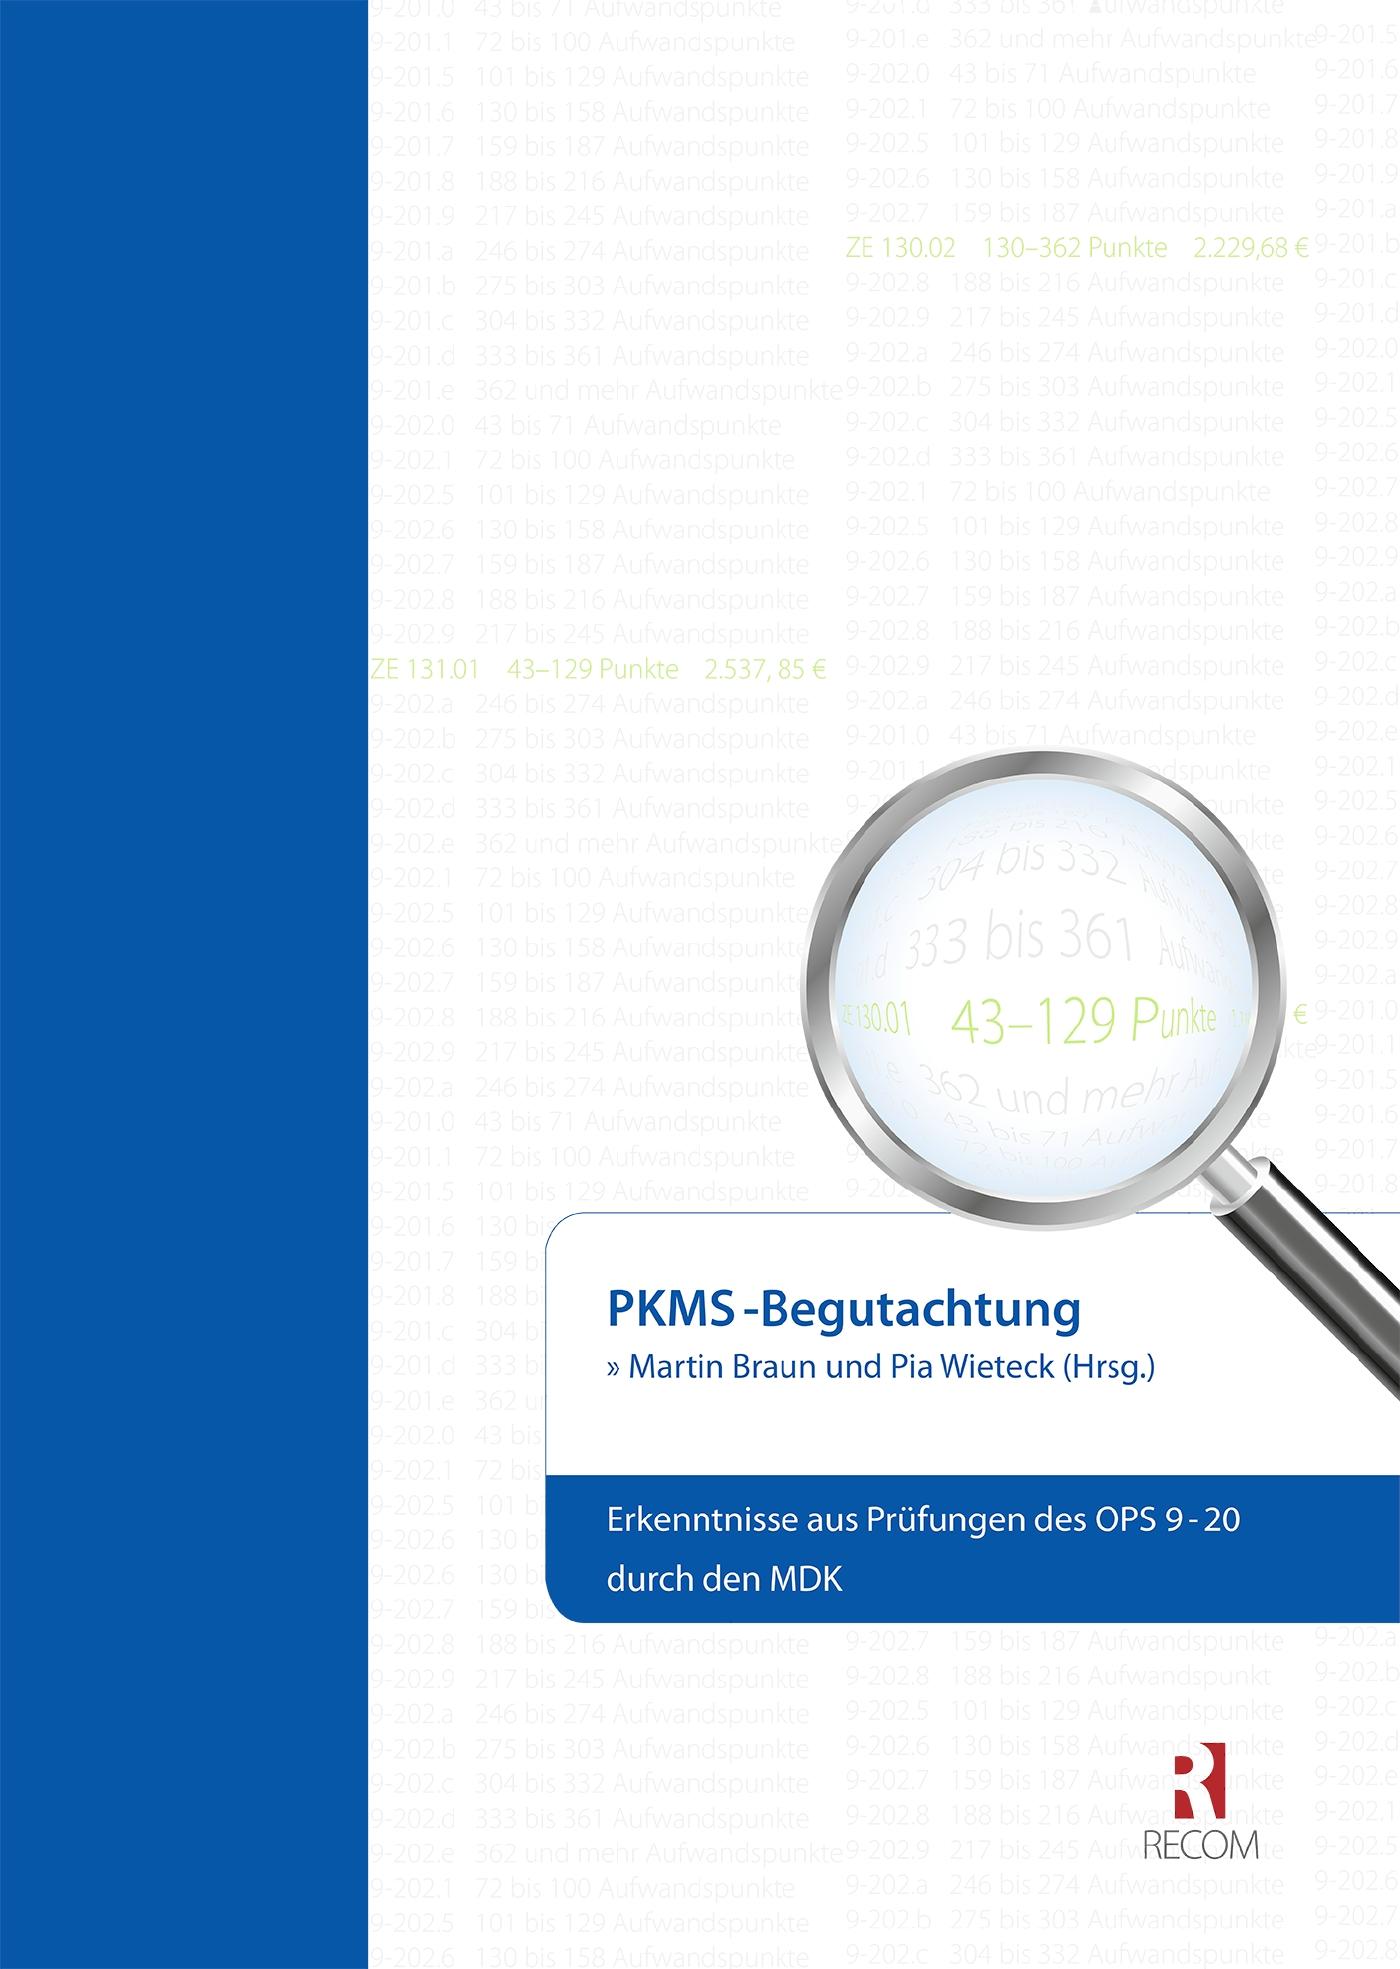 PKMS-Begutachtung